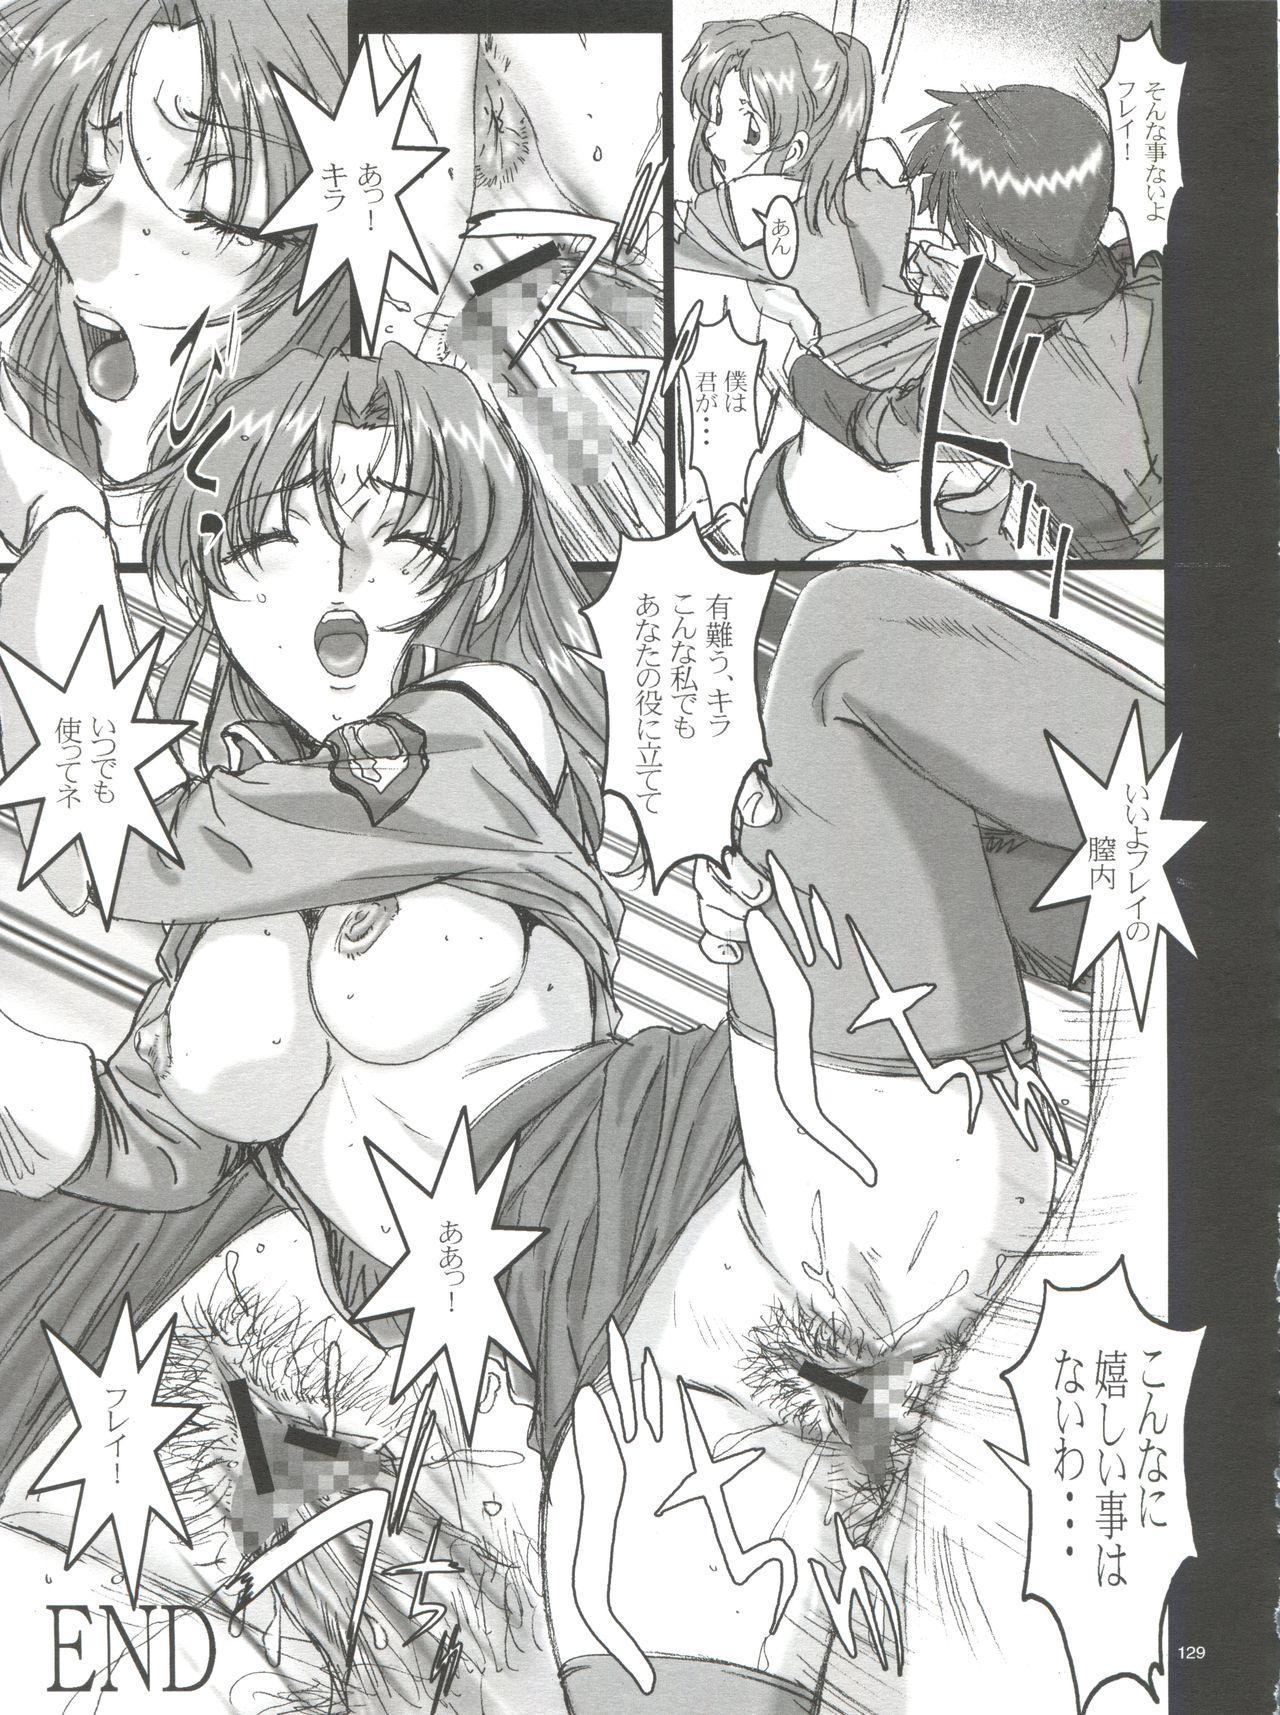 Wanpaku Anime Daihyakka Nanno Koto Jisensyuu Vol. 1 130